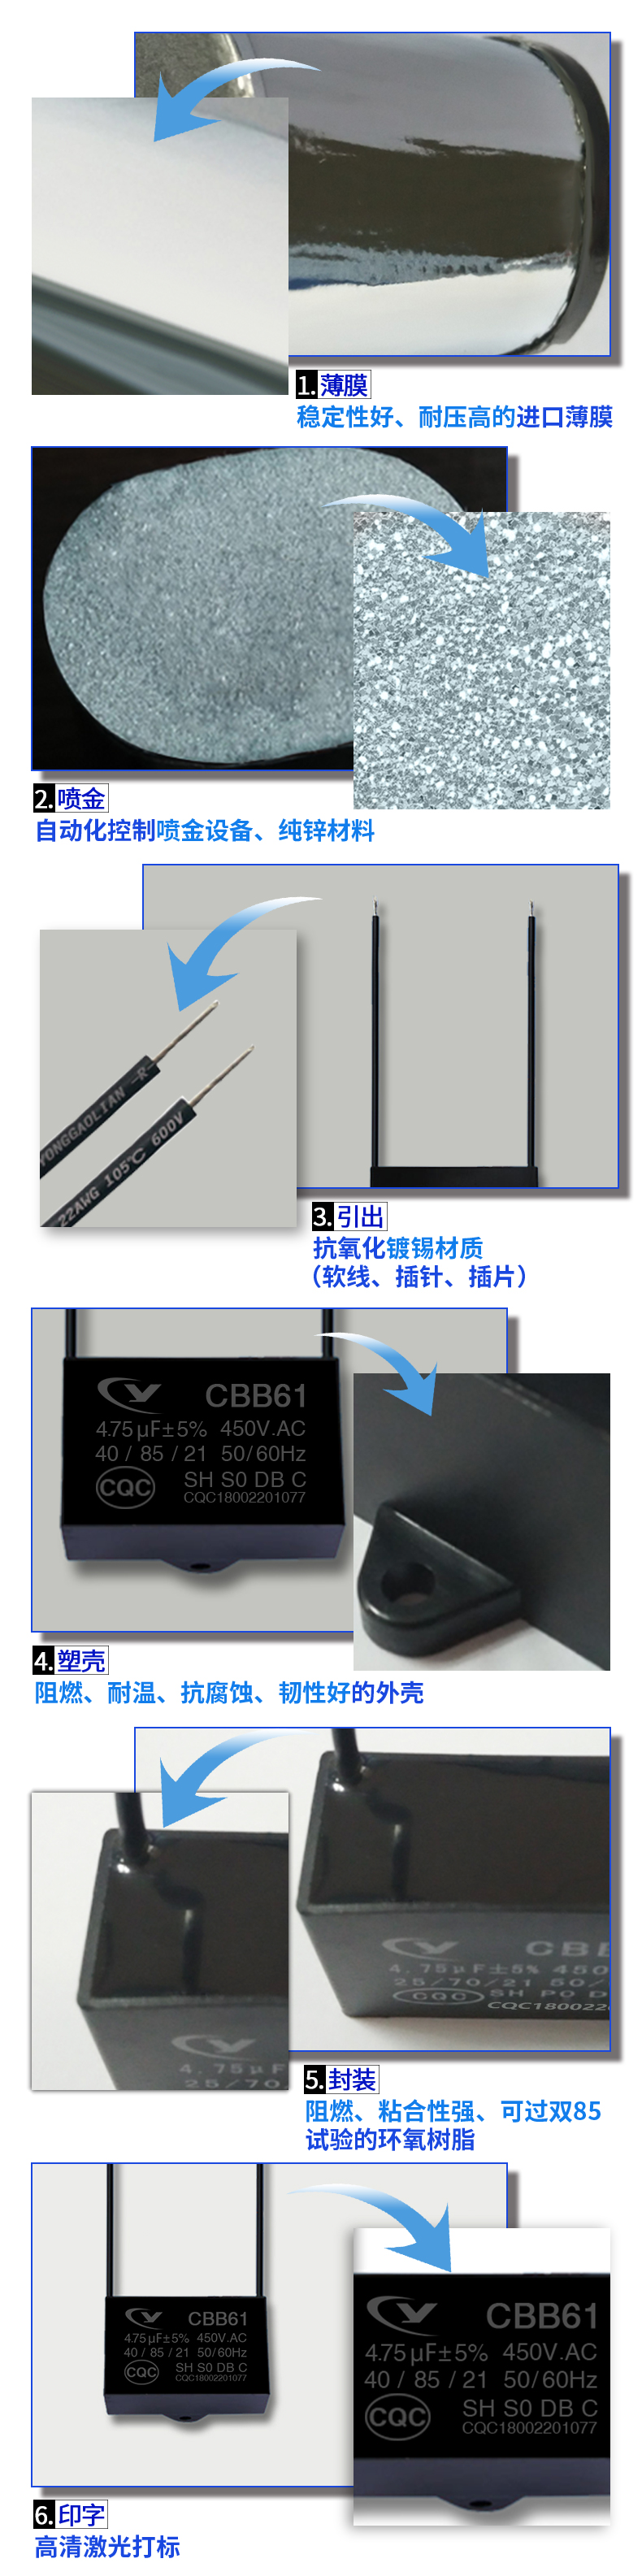 CBB61_09.jpg